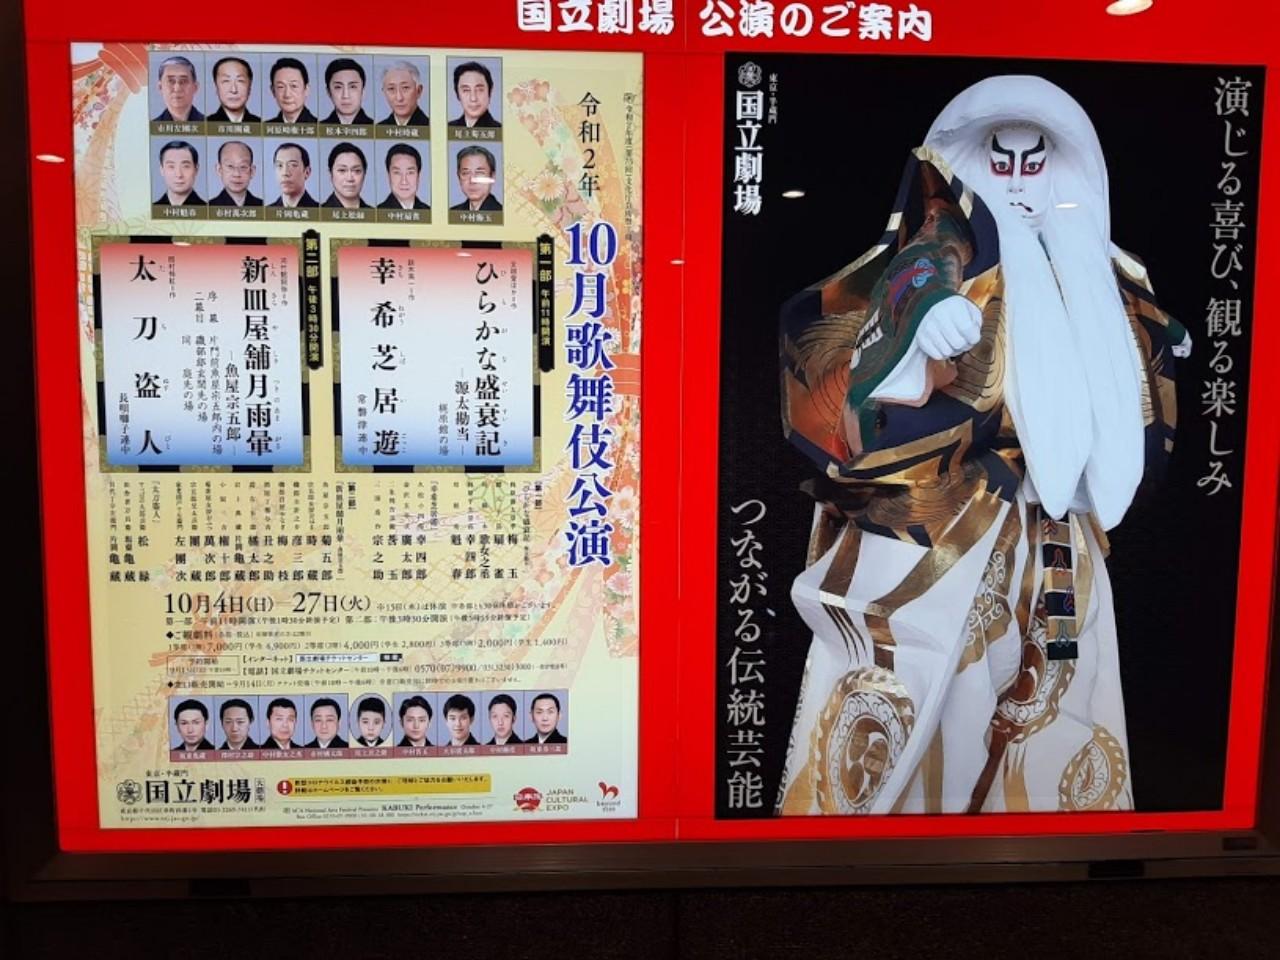 国立劇場歌舞伎公演10月チラシポスター